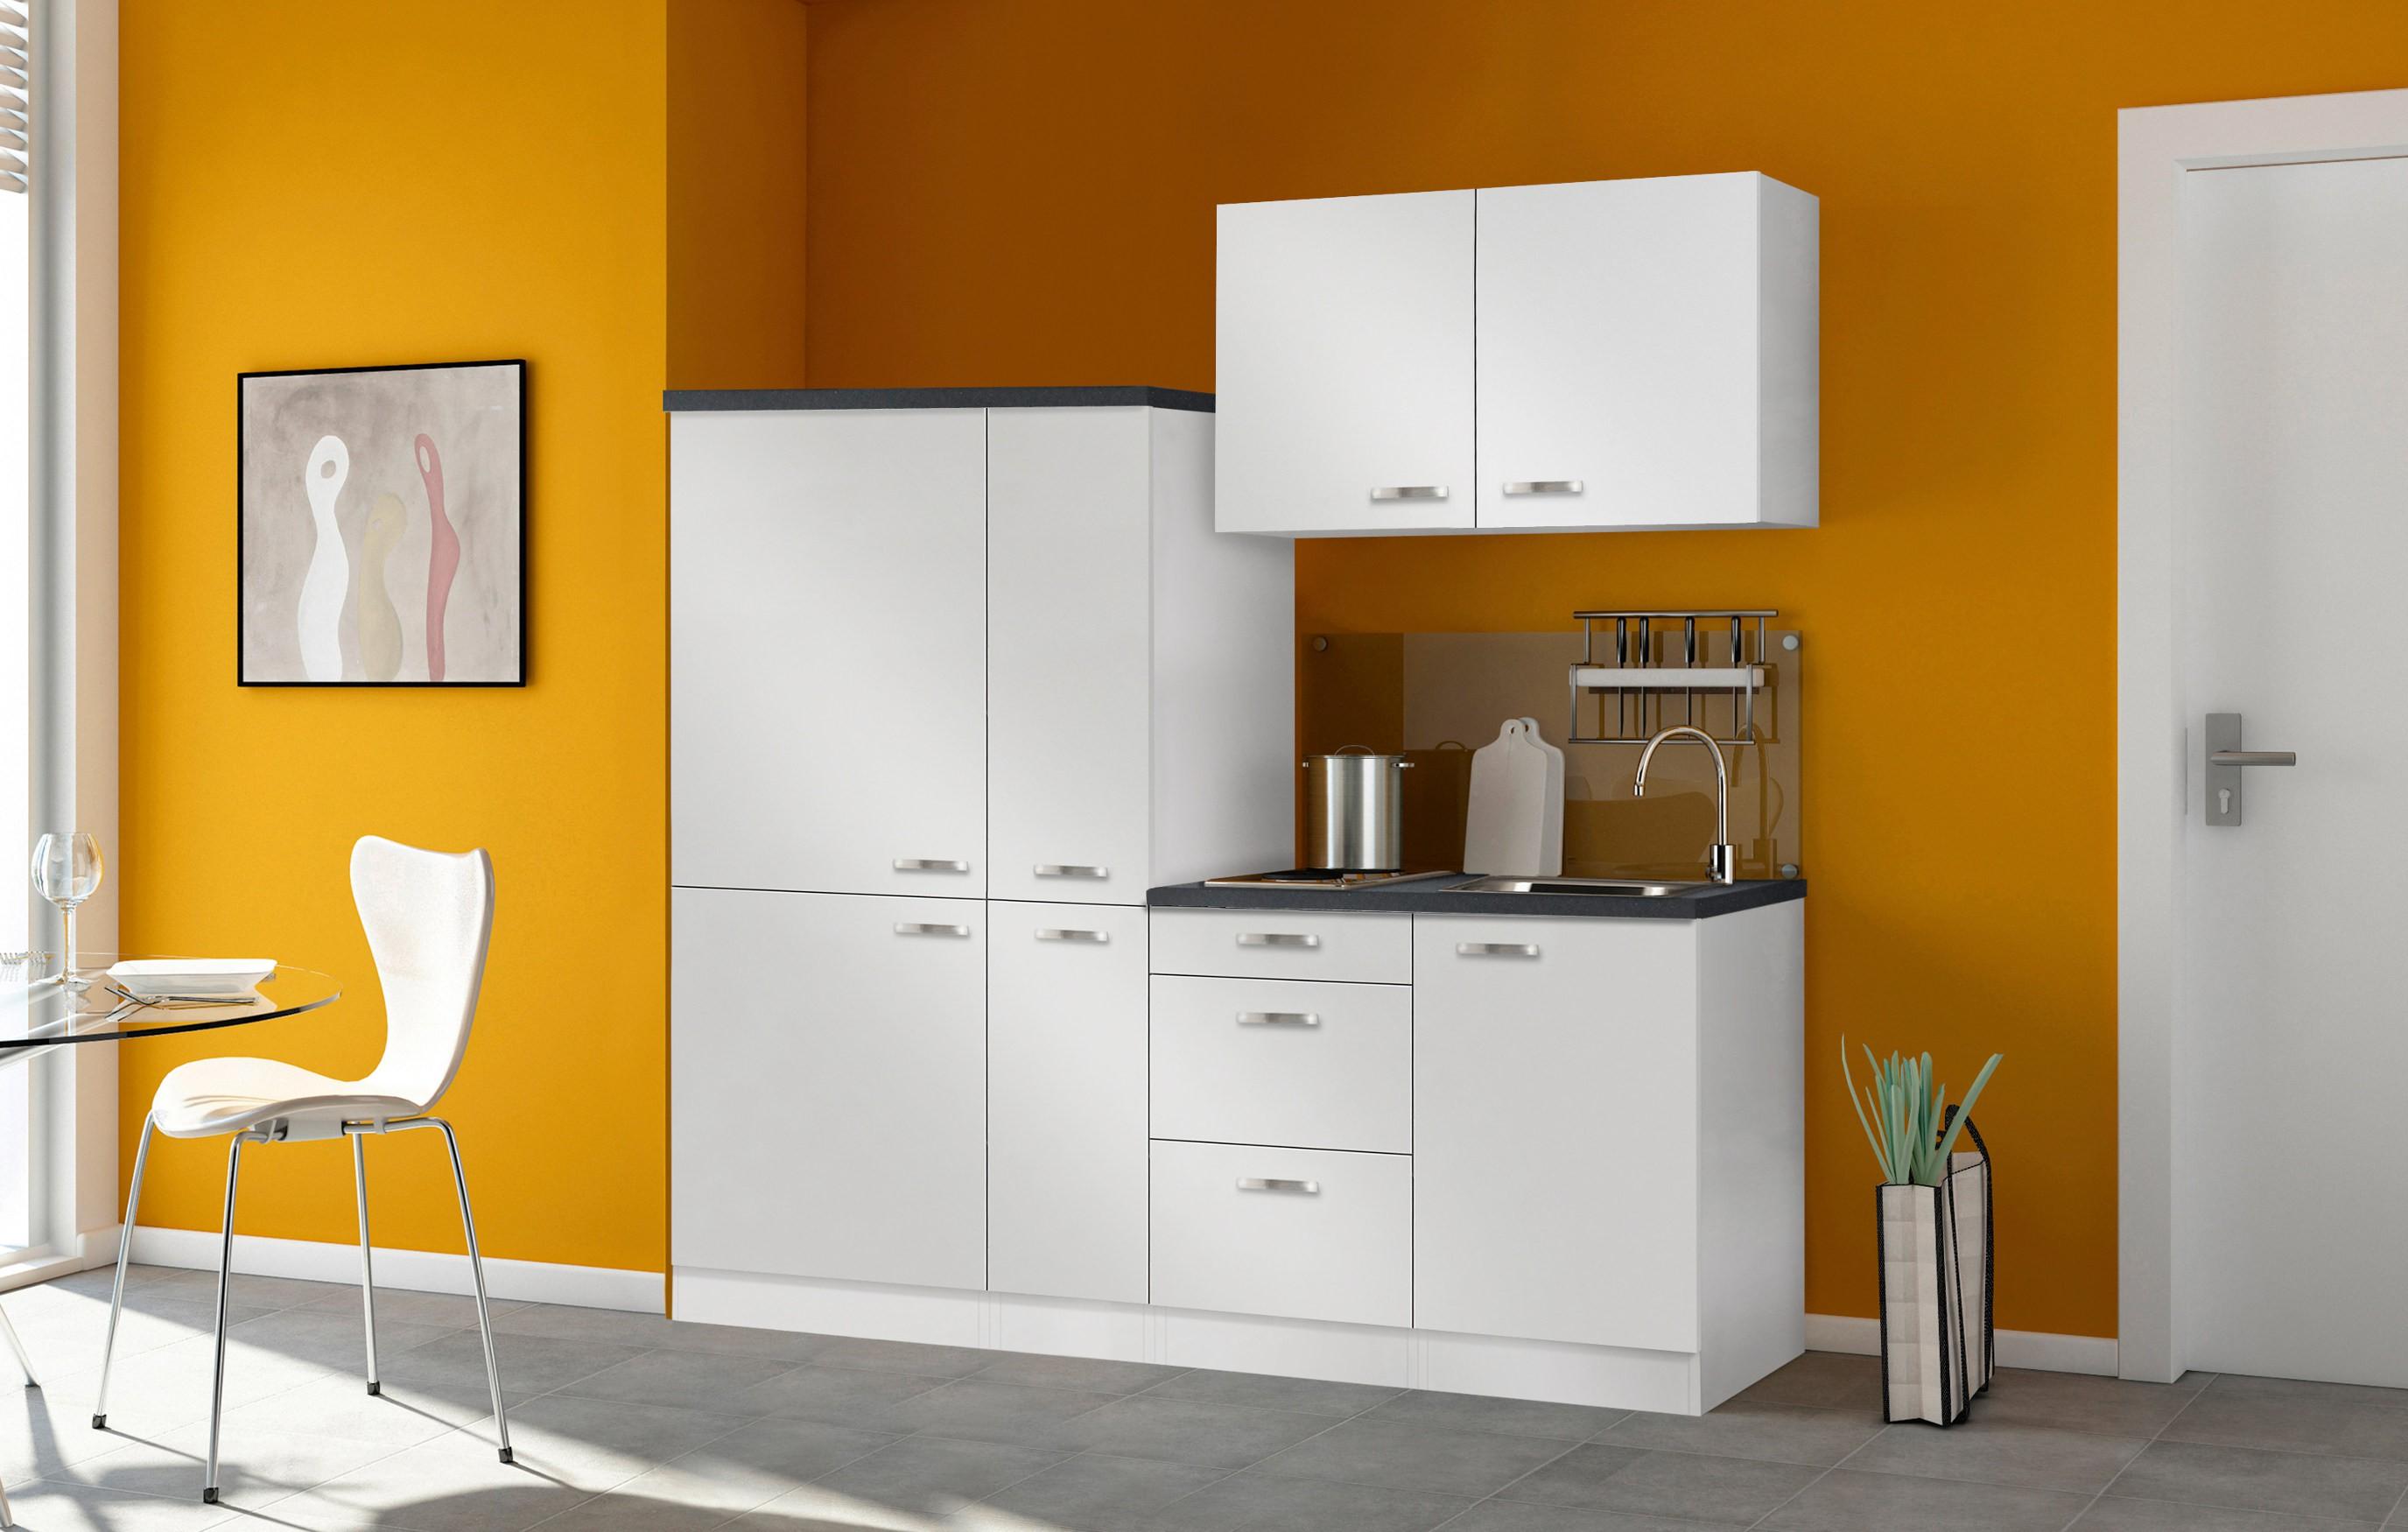 Suche Miniküche Mit Kühlschrank : Suche miniküche mit kühlschrank miniküche mit kühlschrank ikea